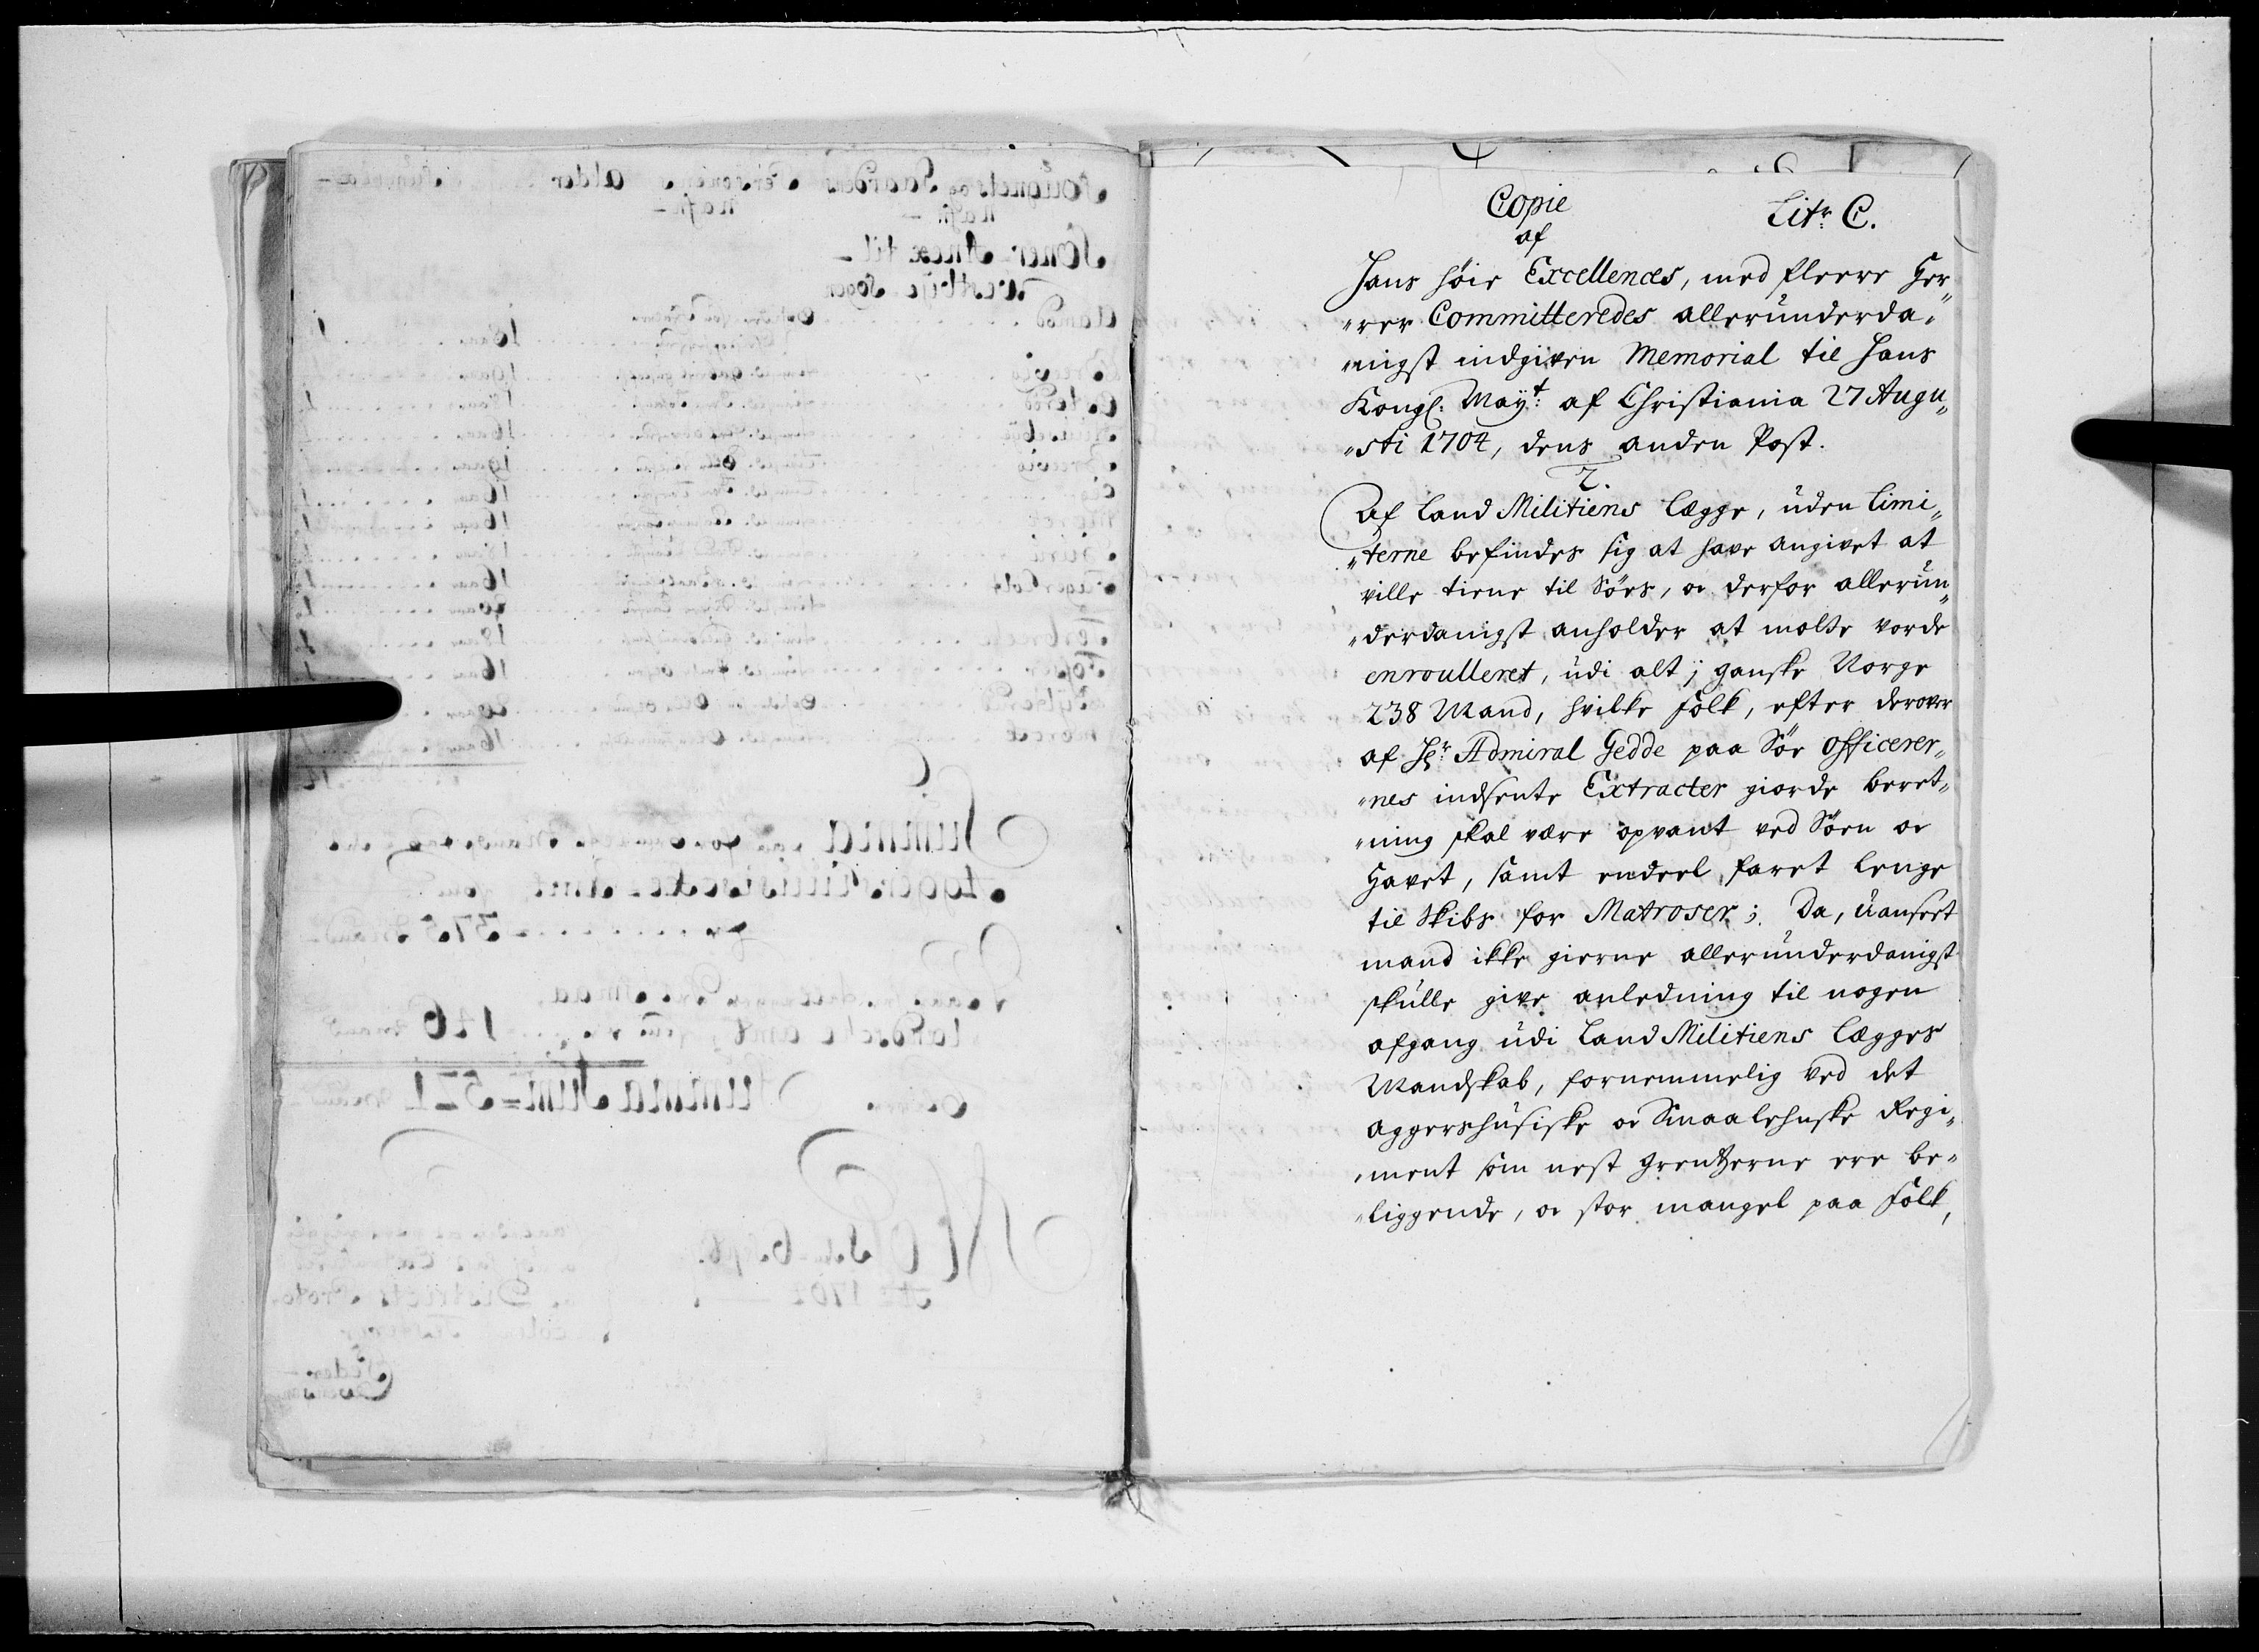 RA, Danske Kanselli 1572-1799, F/Fc/Fcc/Fcca/L0057: Norske innlegg 1572-1799, 1704, s. 422